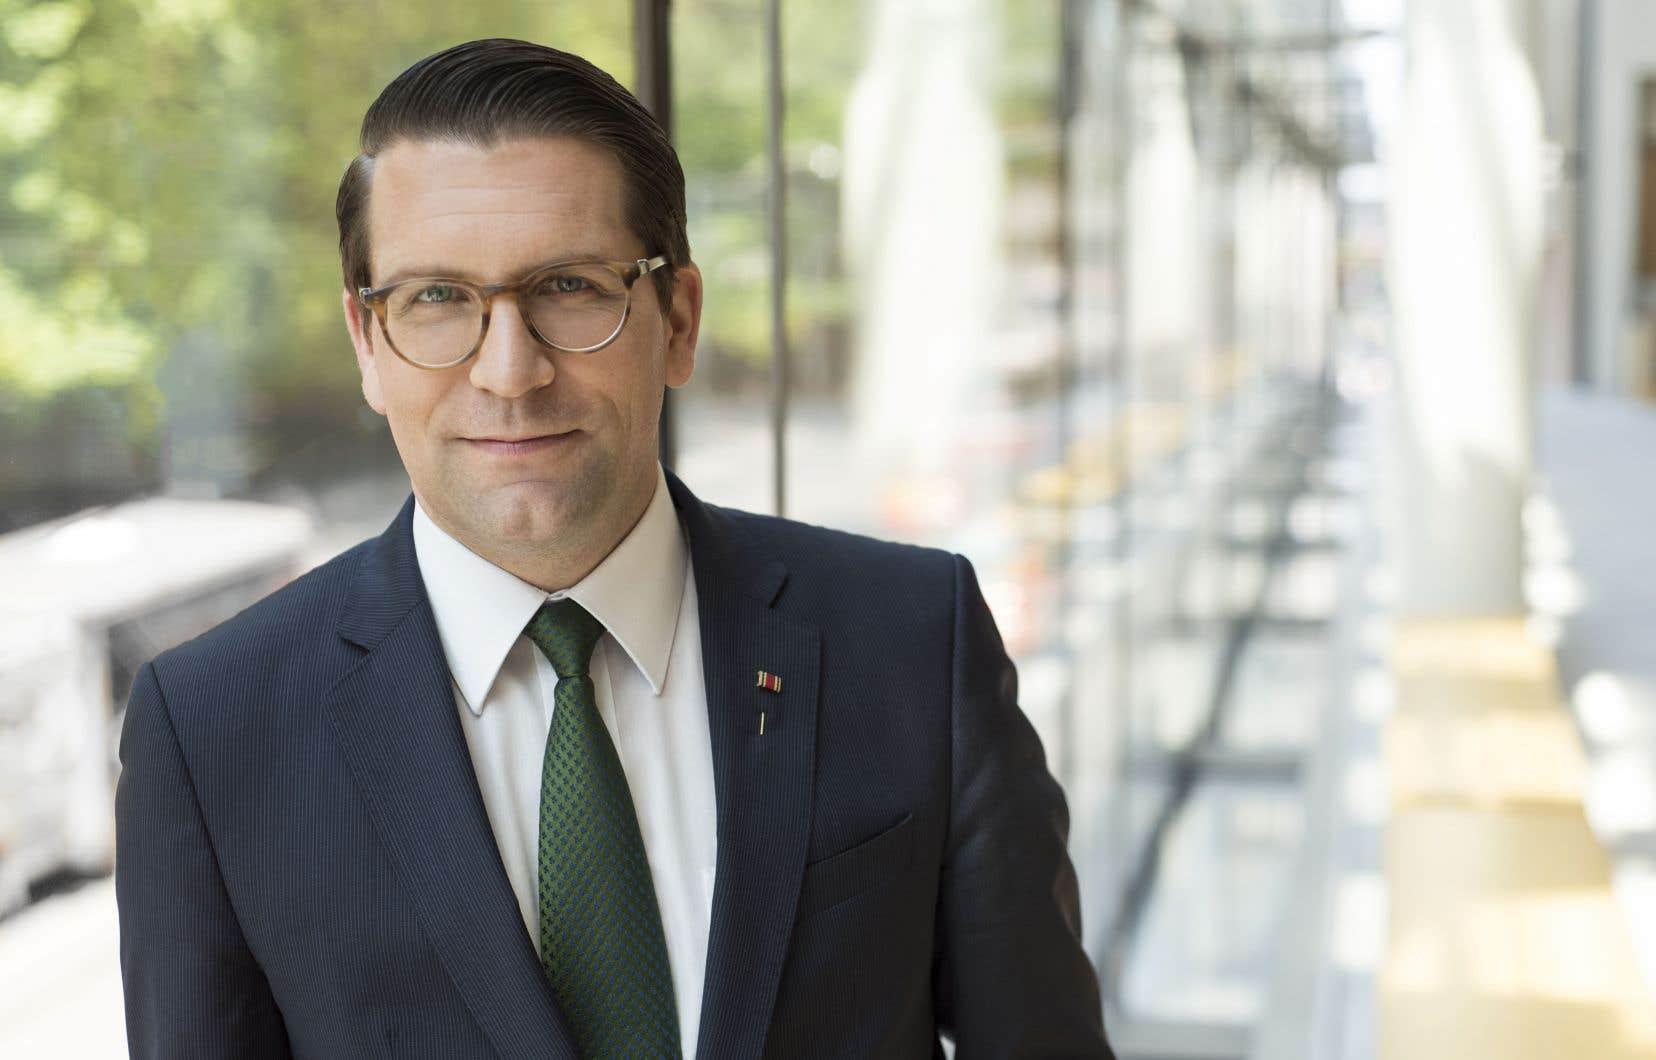 Alexander Neef abordera sa tâche à l'Opéra de Paris dans un «état d'esprit positif». «Je fais confiance à la Maison, aux gens de la Maison, capables dans leur travail et dévoués à l'avenir de l'institution.»